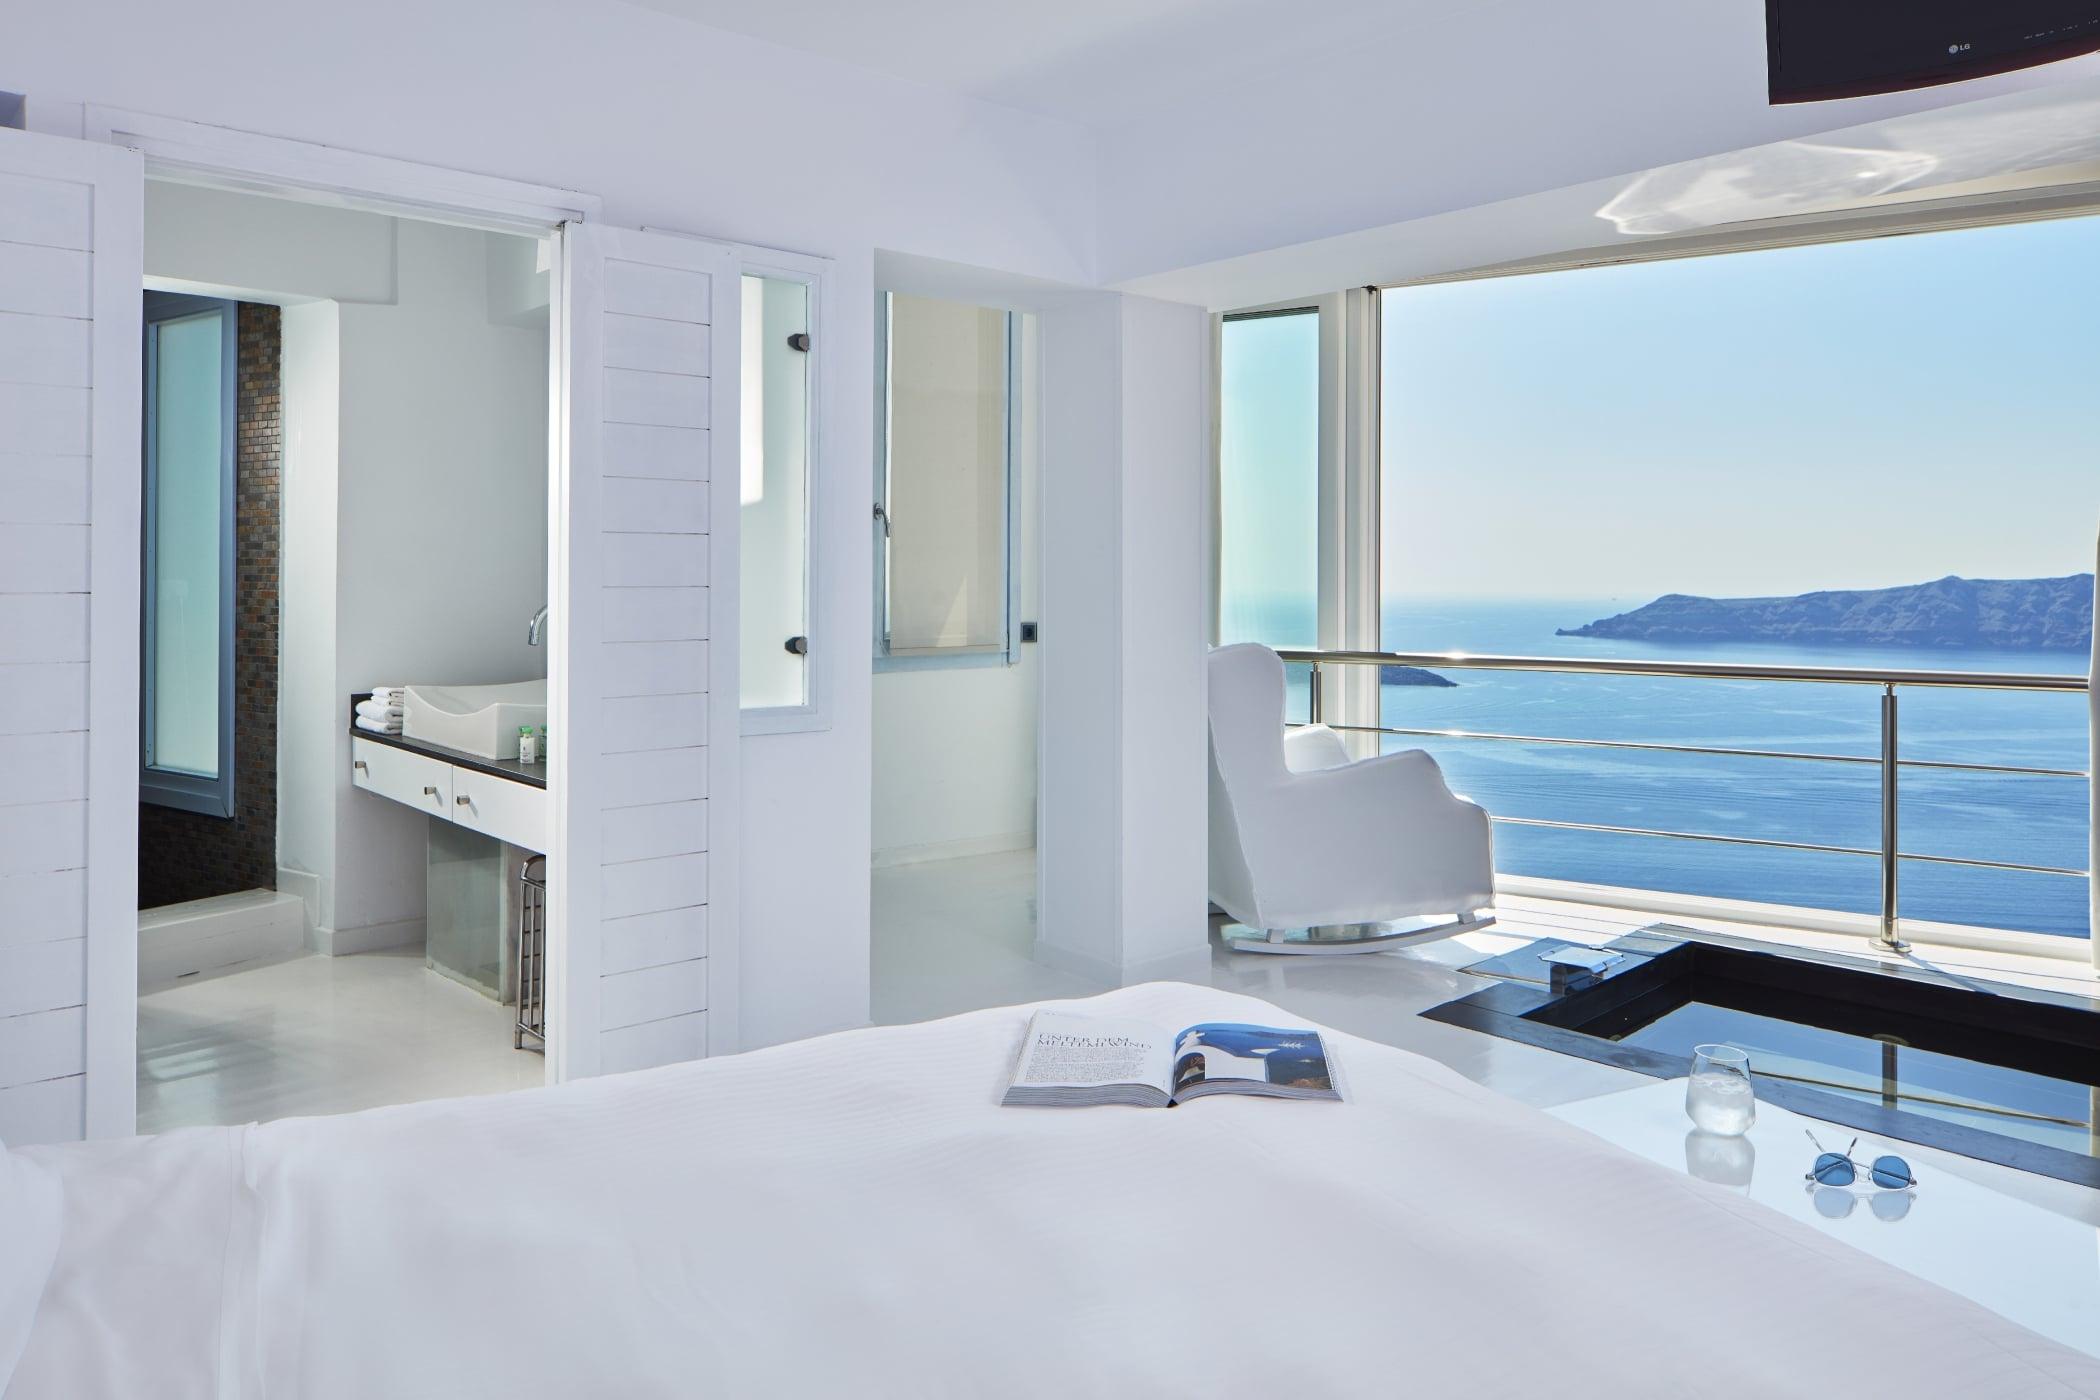 Sunrocks_Boutique_Hotel_Santorini_Experience_Suite3